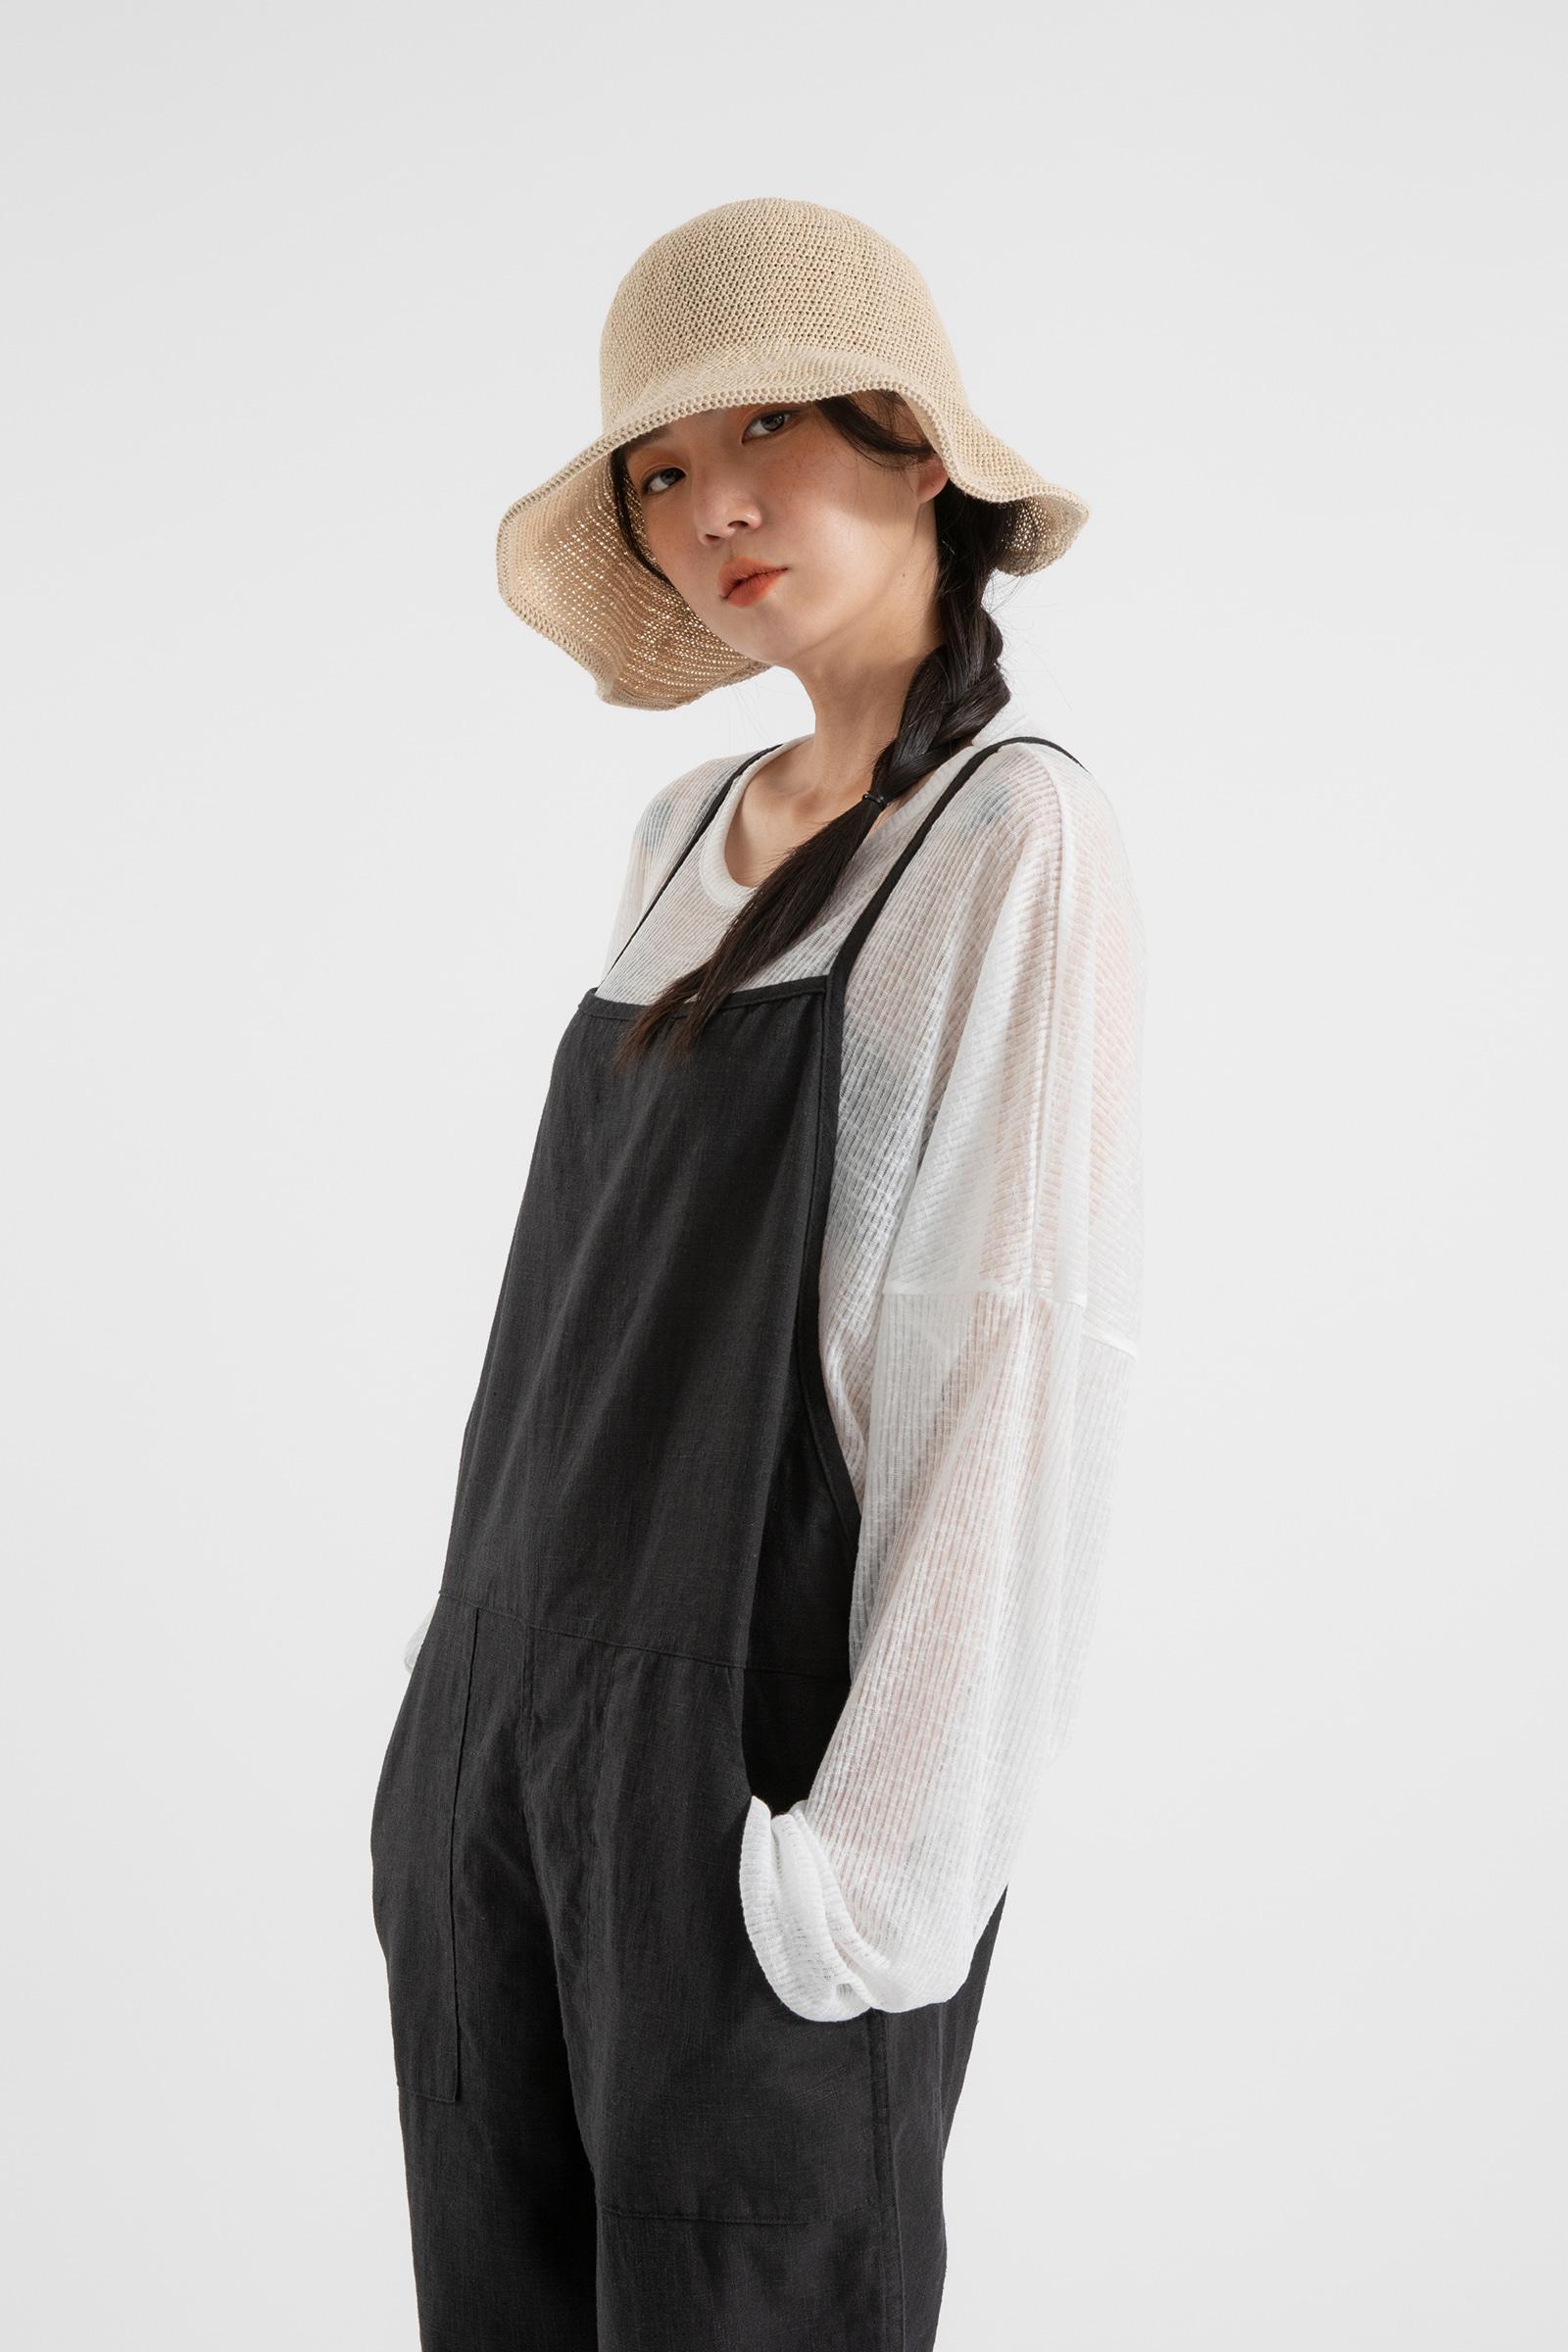 Farming linen jumpsuit